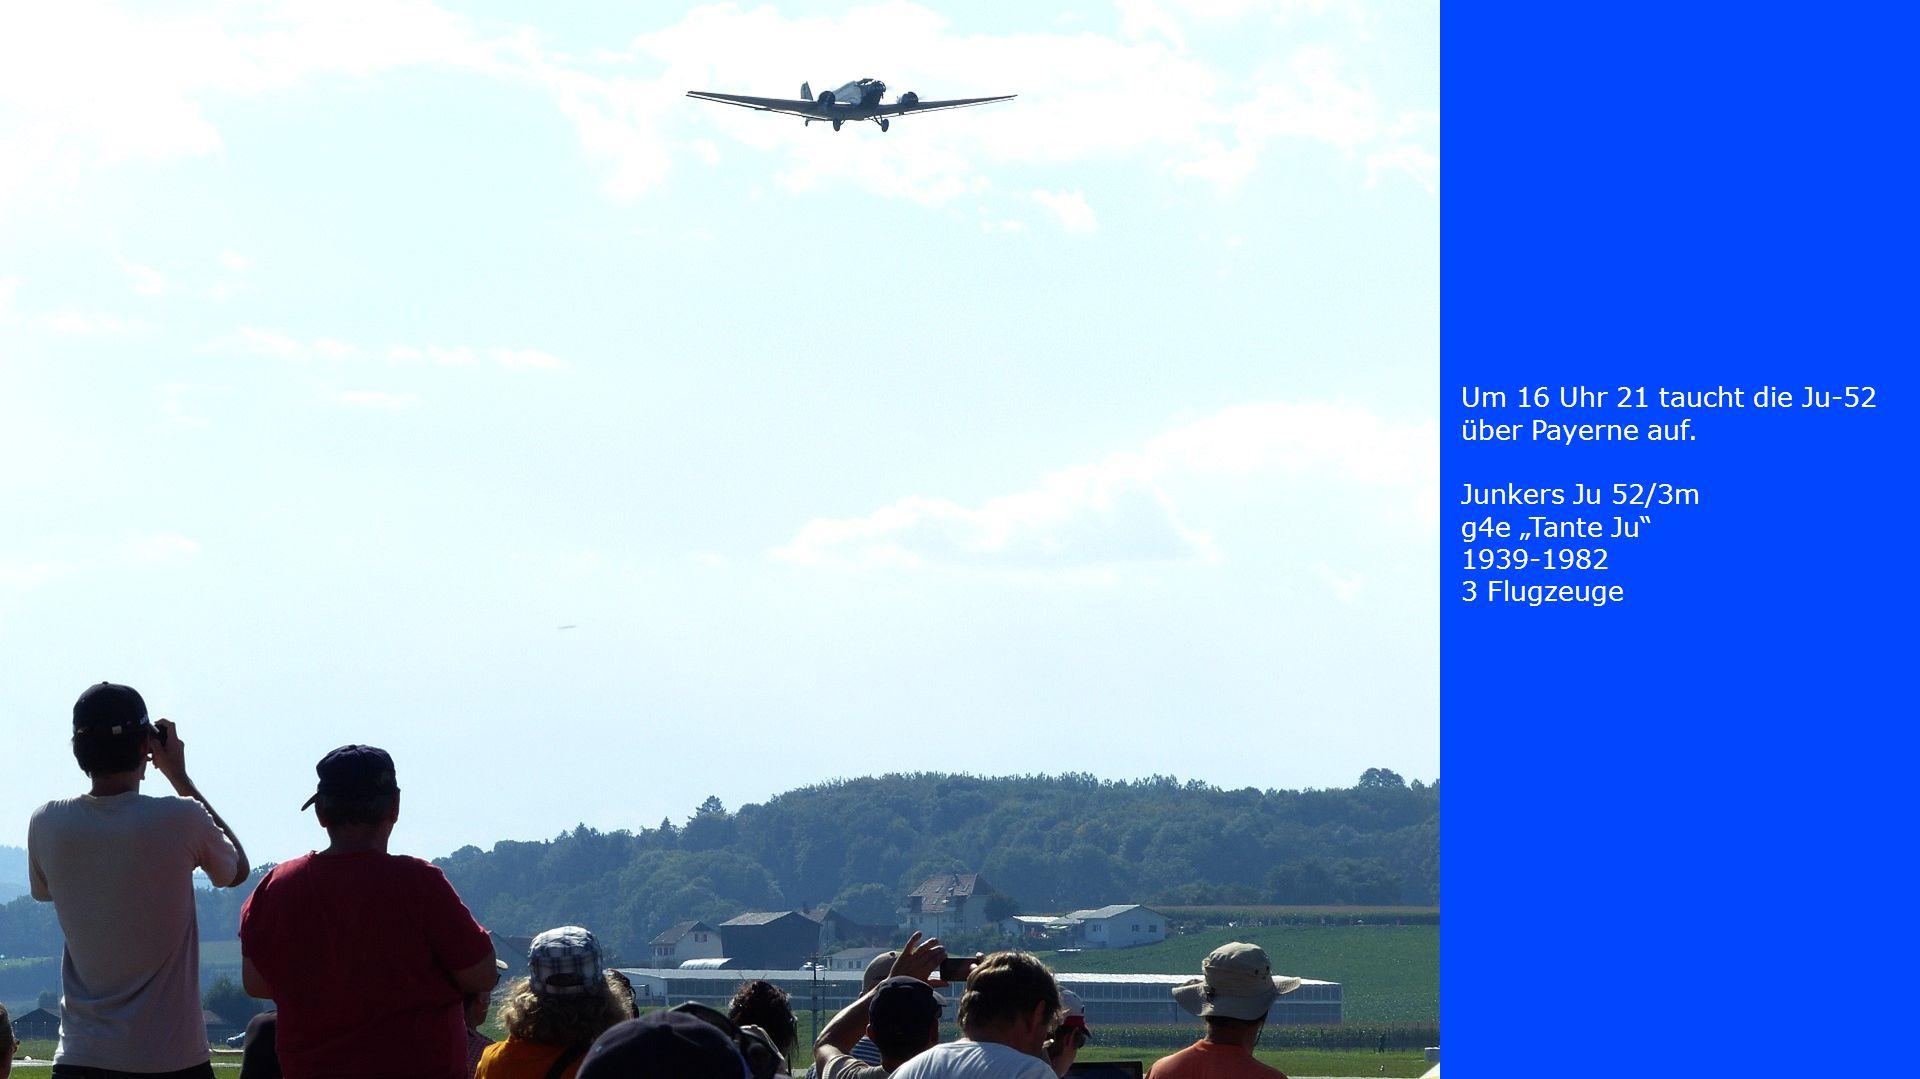 Um 16 Uhr 21 taucht die Ju-52 über Payerne auf.